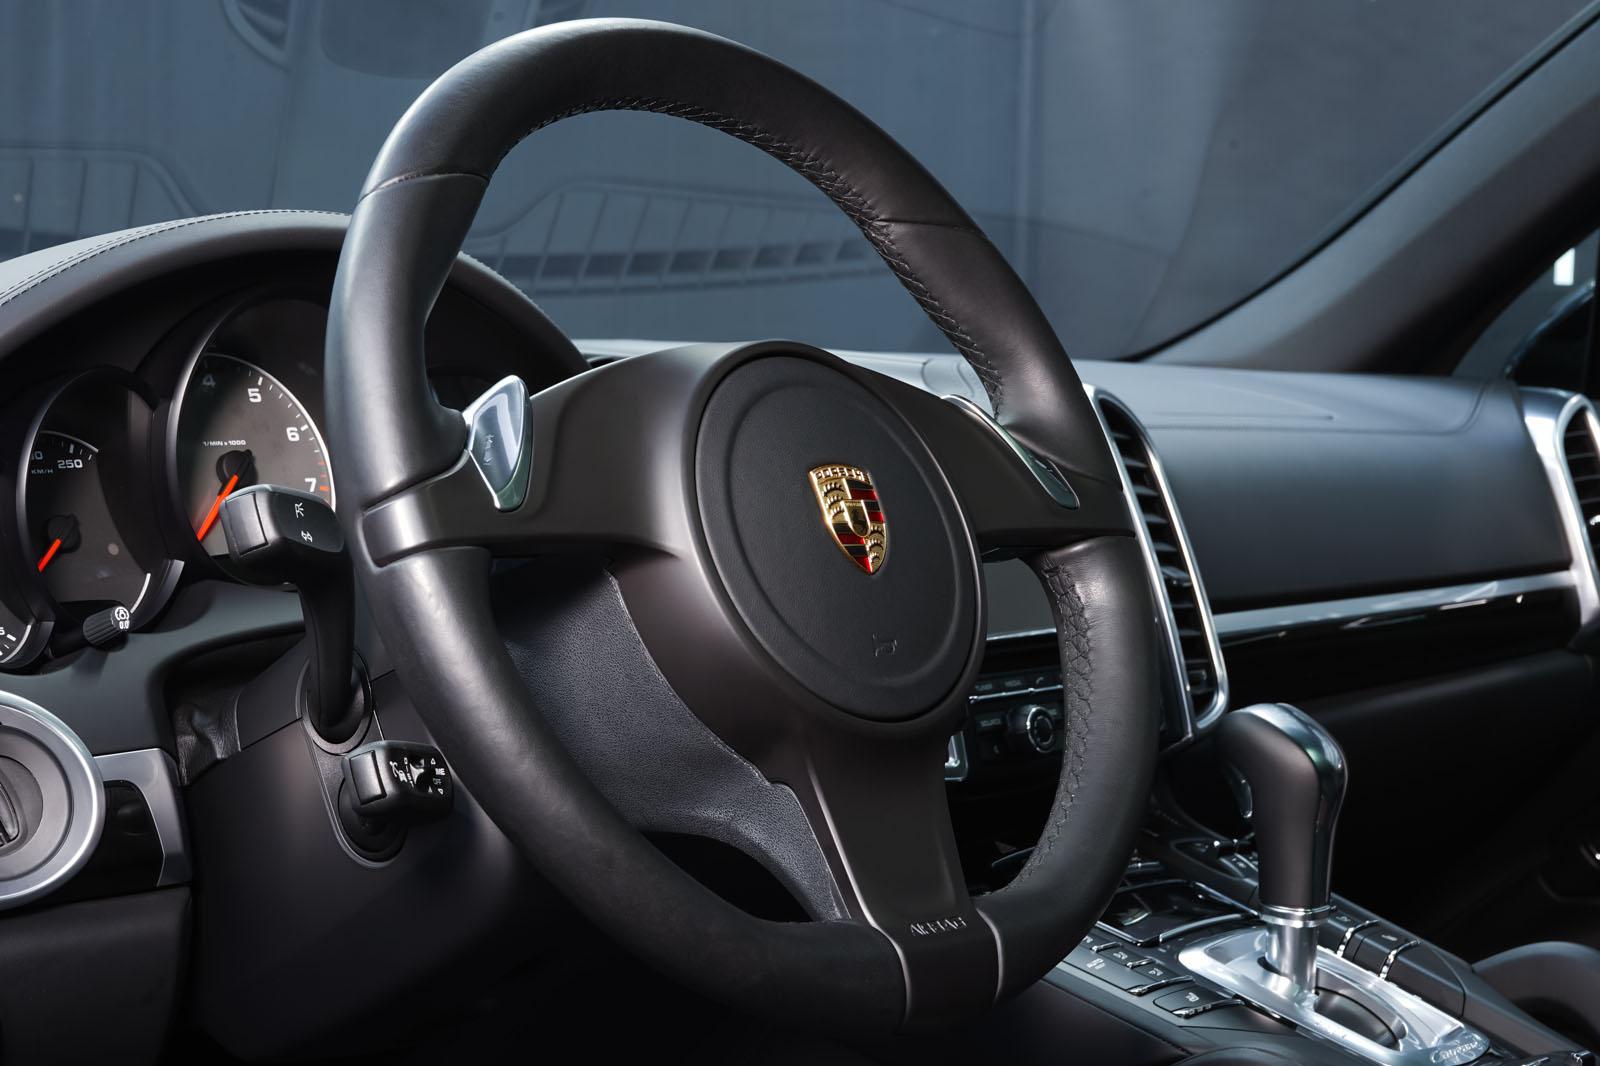 Porsche_CayenneS_Schwarz_Schwarz_POR-2086_10_w